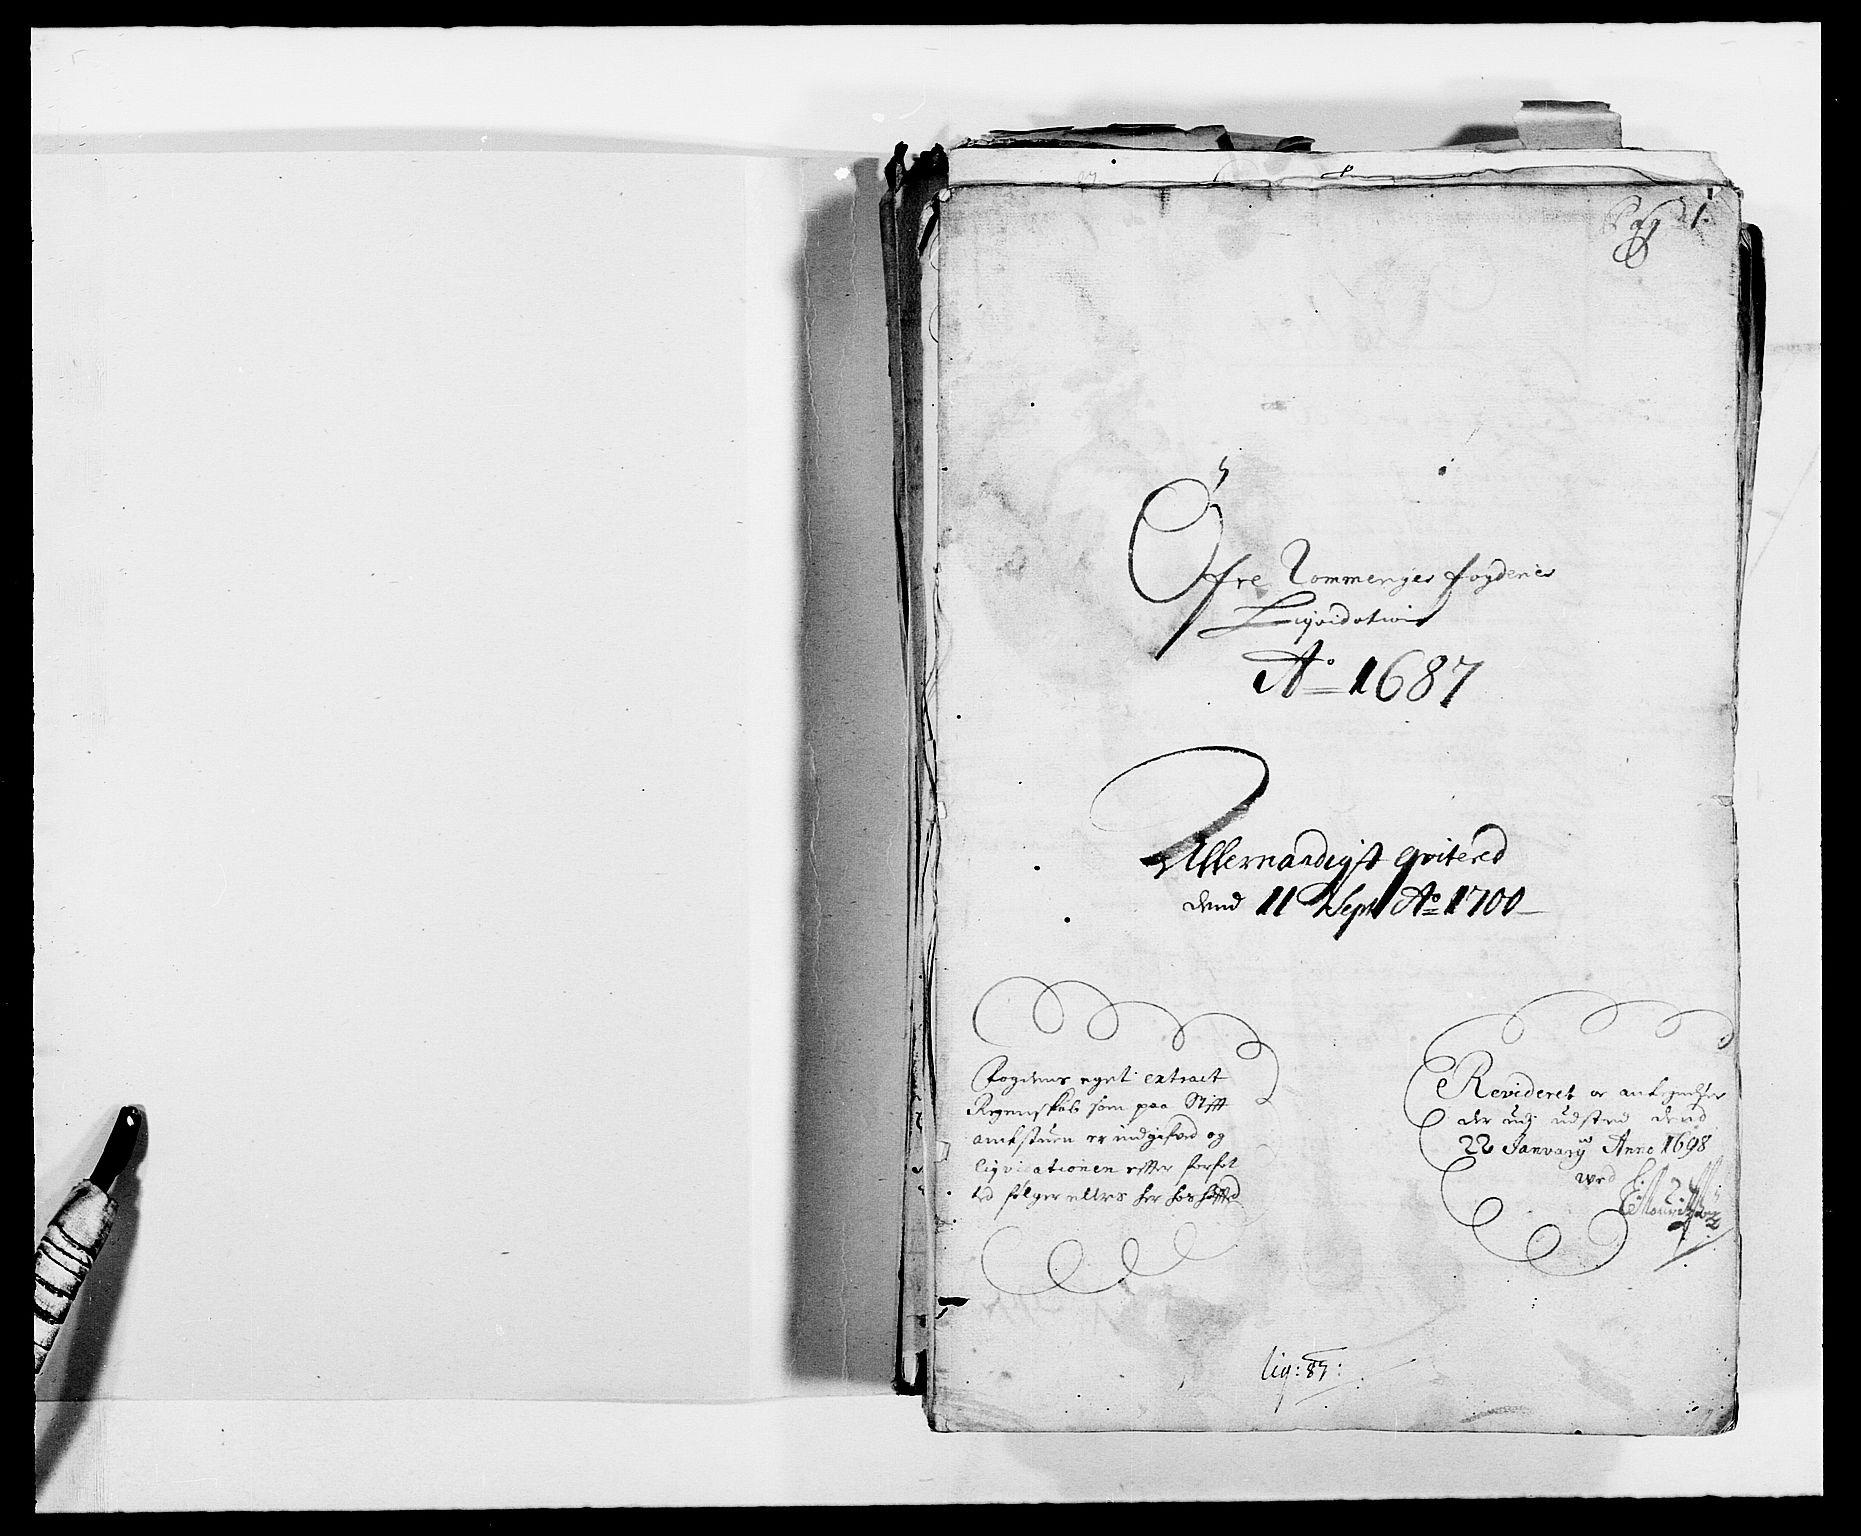 RA, Rentekammeret inntil 1814, Reviderte regnskaper, Fogderegnskap, R12/L0700: Fogderegnskap Øvre Romerike, 1687-1688, s. 2